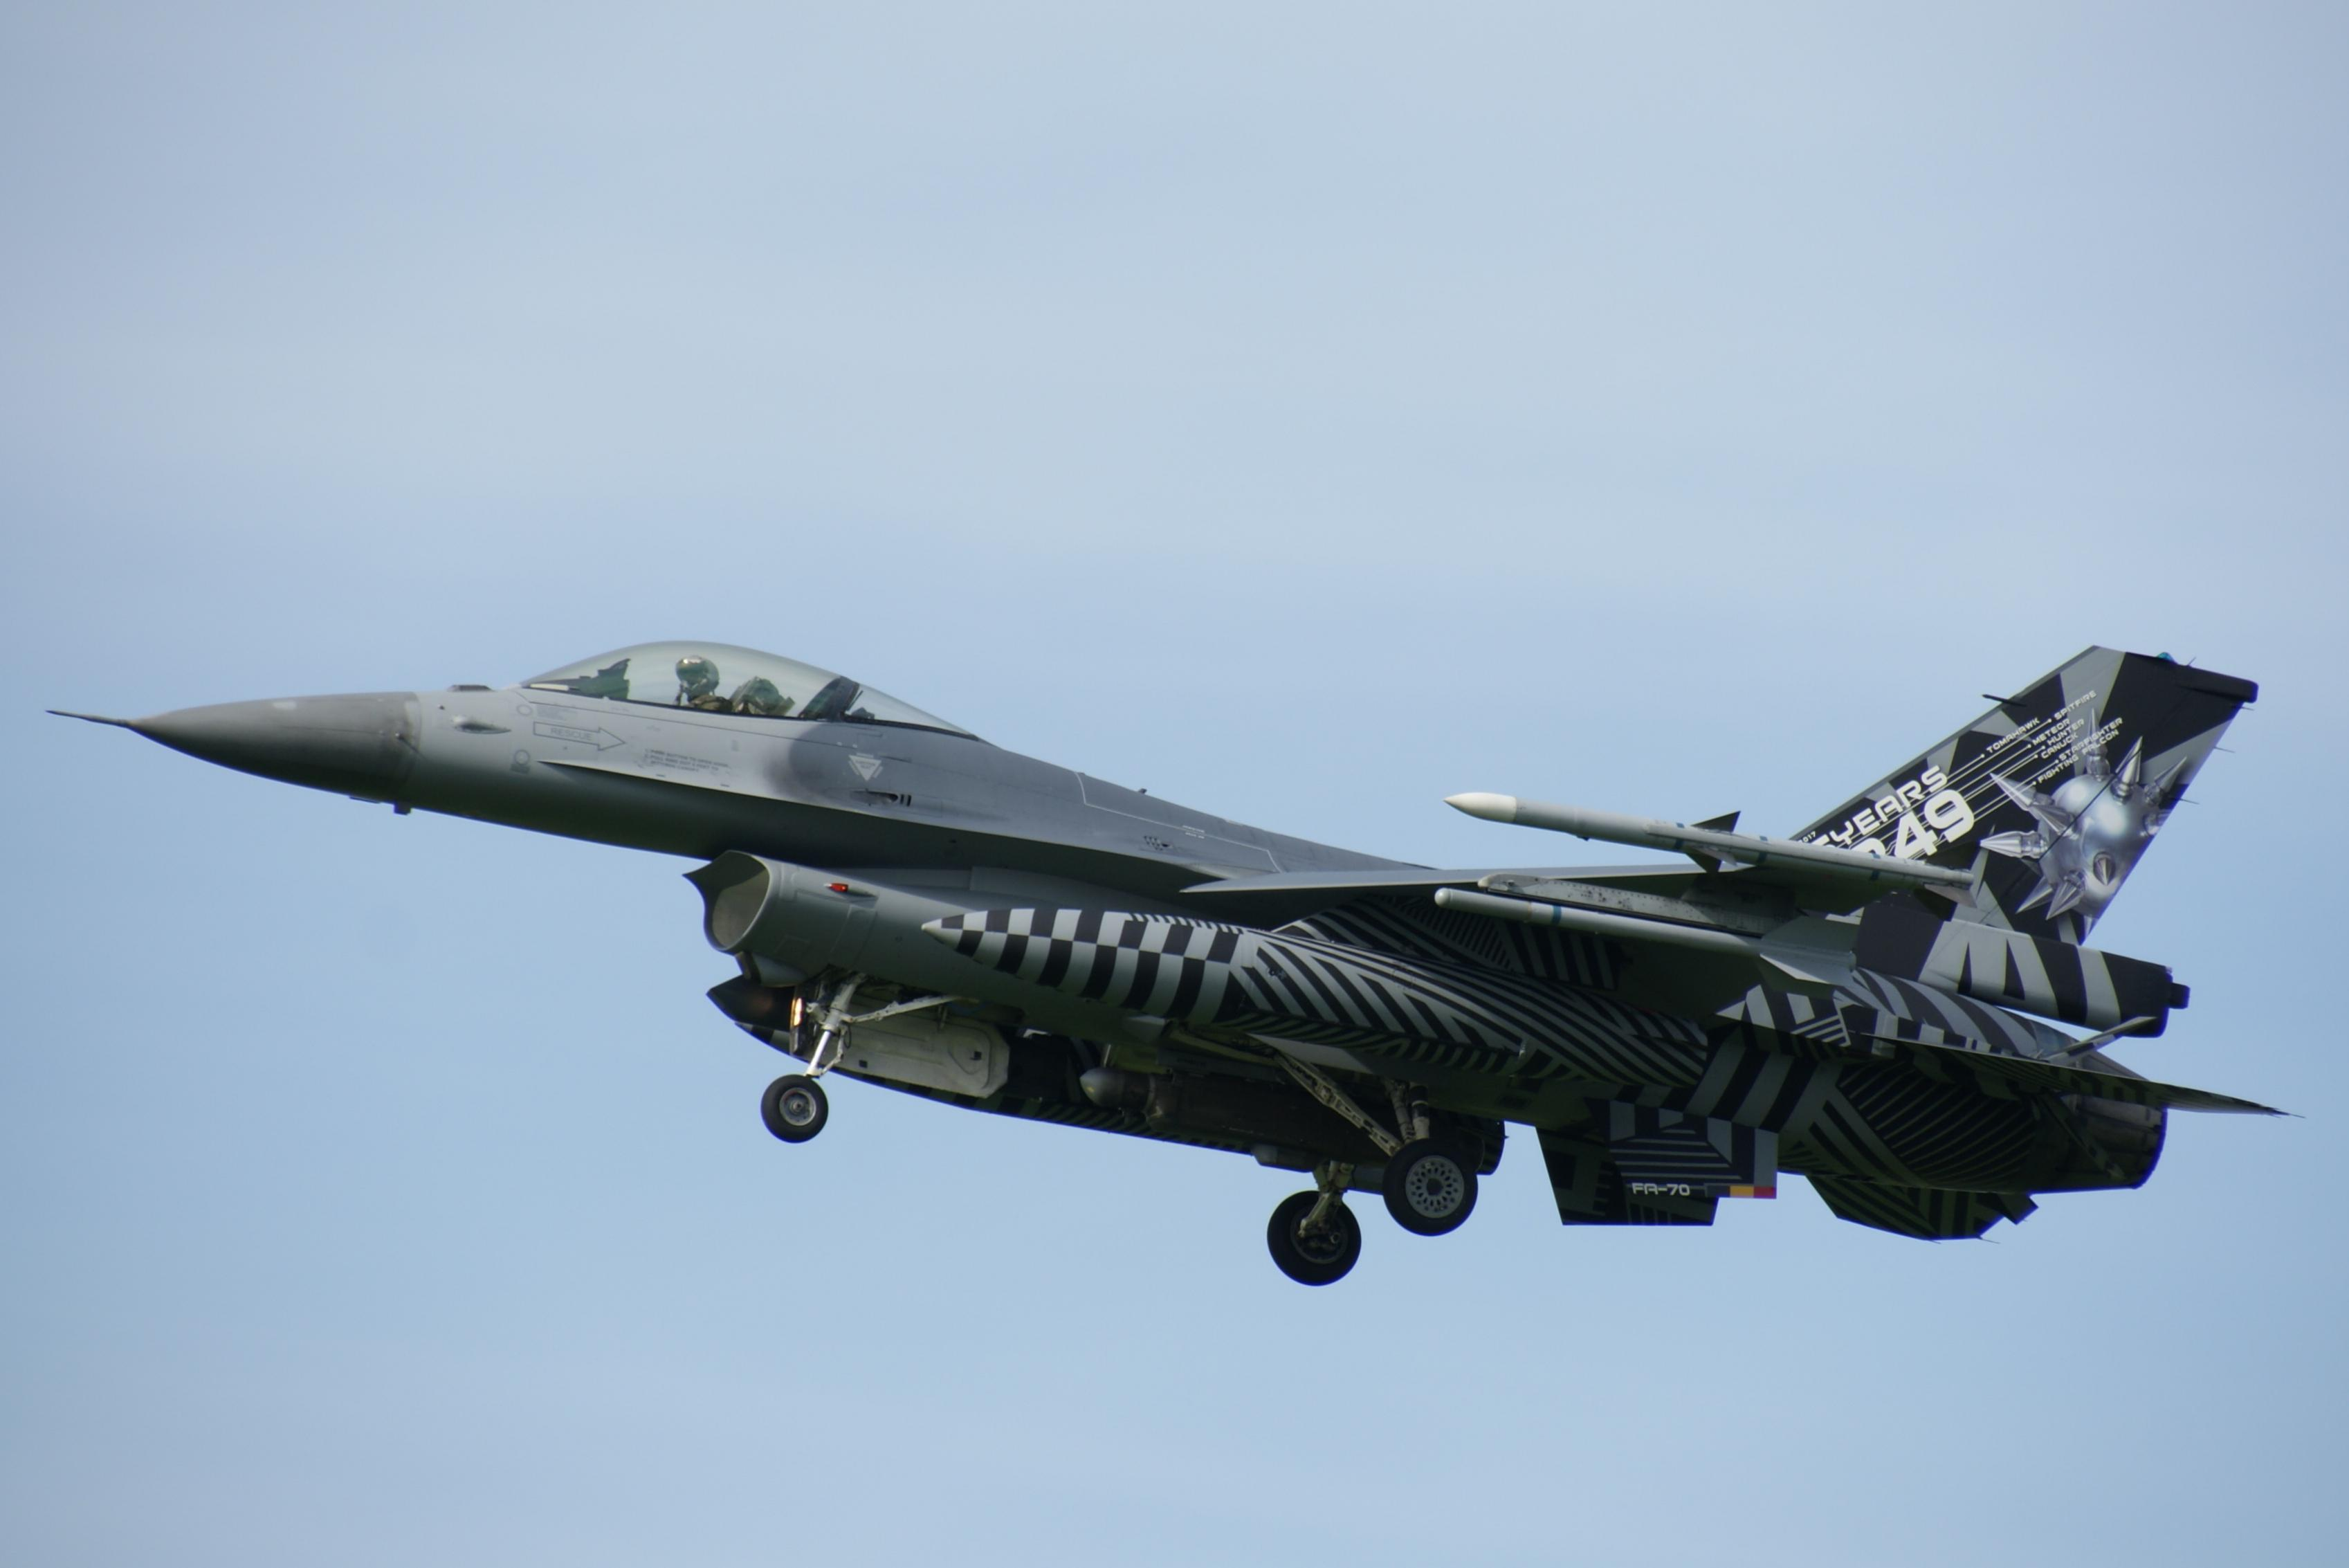 Naam: FA-70 SPECIAL (4).jpg Bekeken: 218 Grootte: 239,1 KB